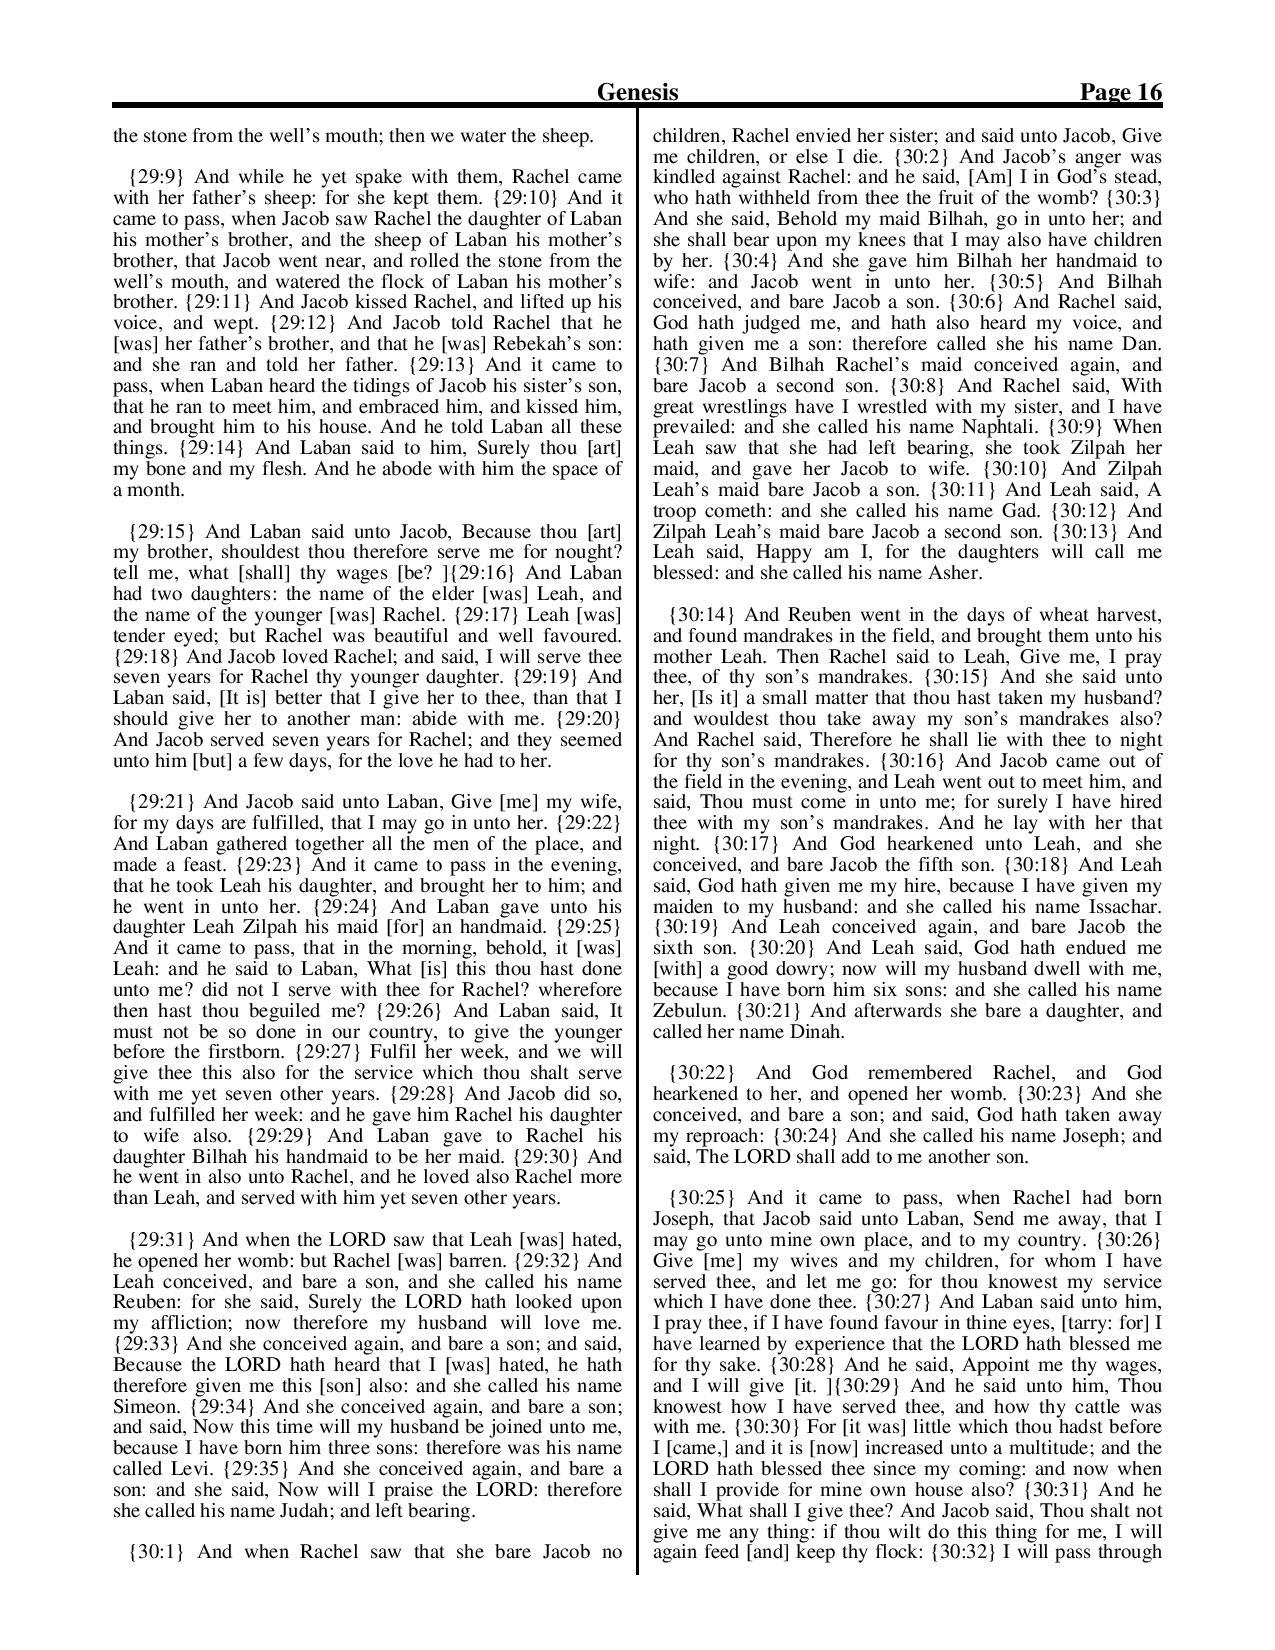 King-James-Bible-KJV-Bible-PDF-page-037